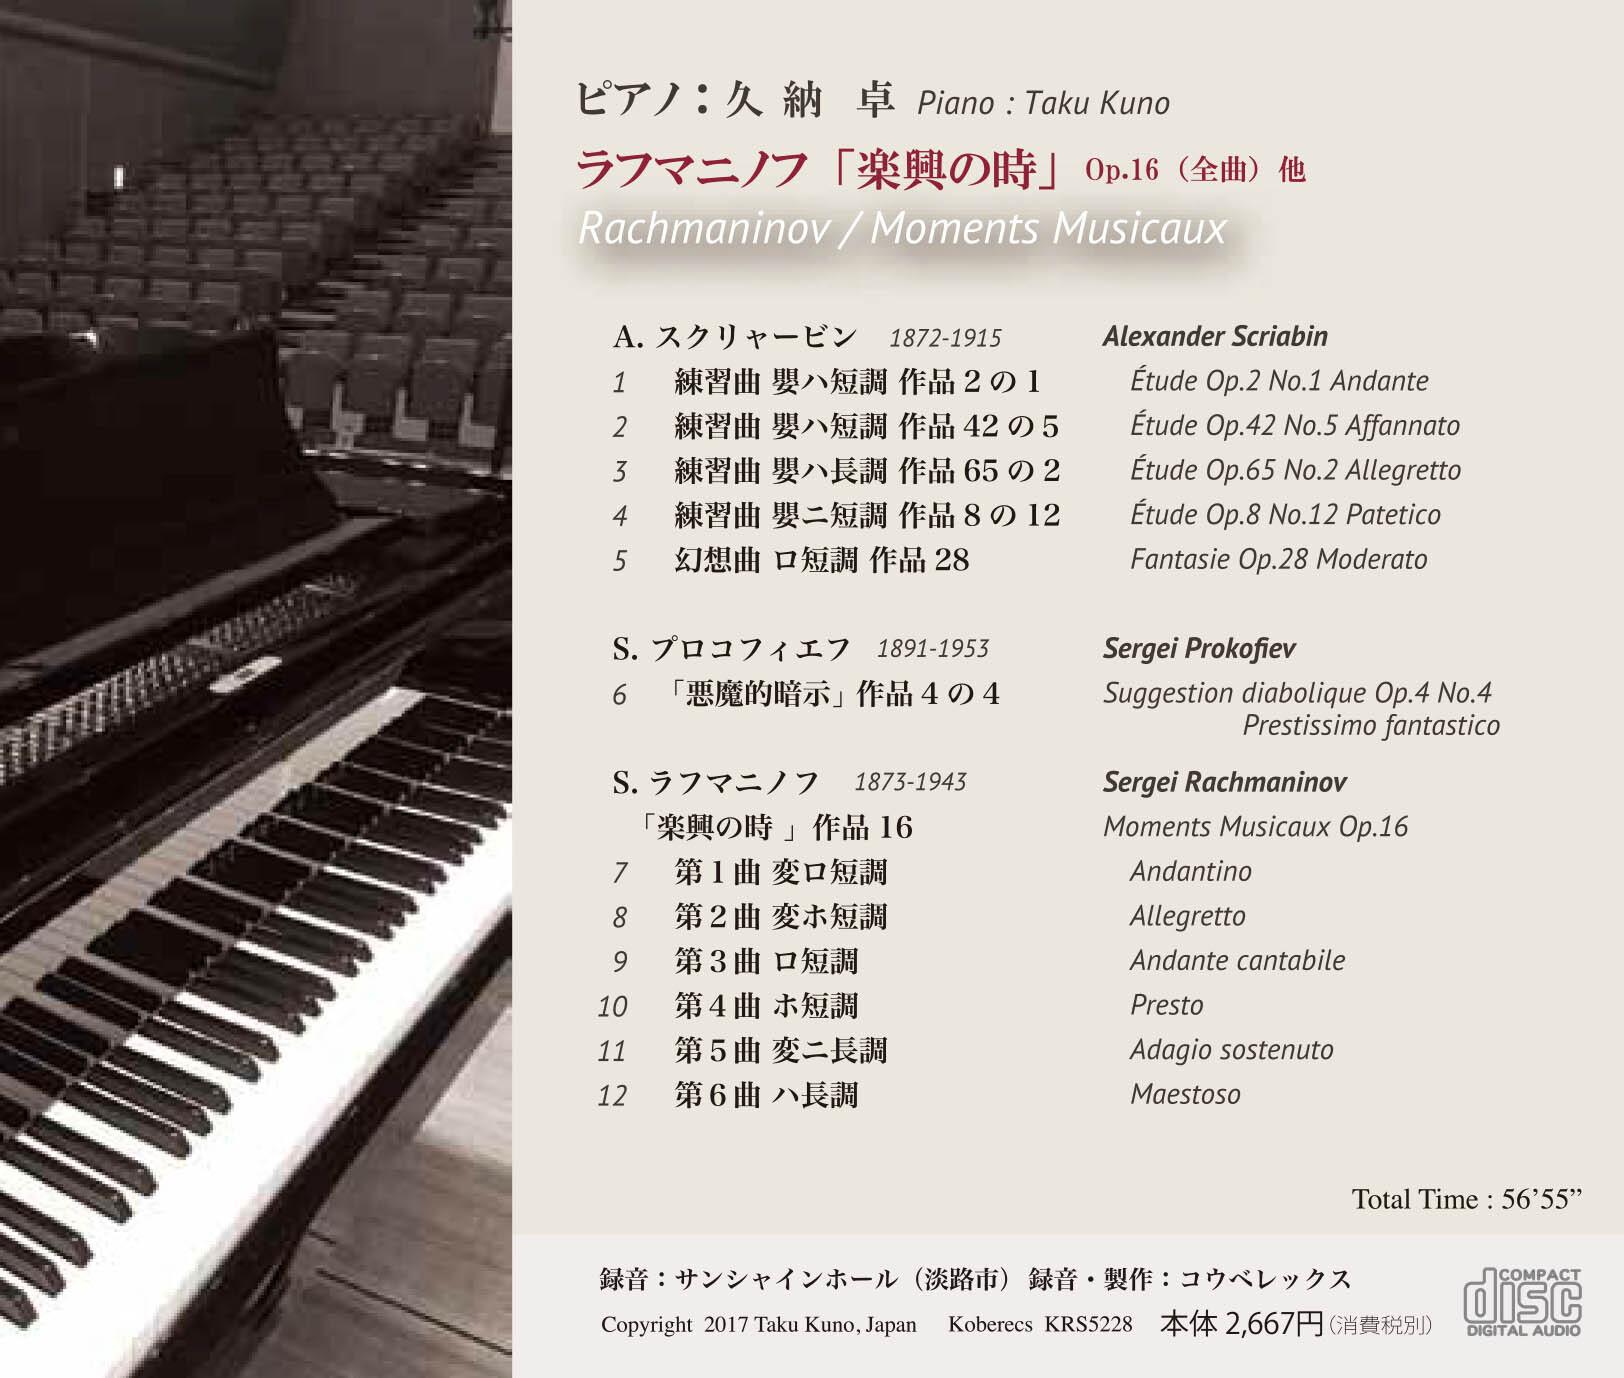 ラフマニノフ「楽興の時」Op.16全曲 他 久納 卓(ピアノ)